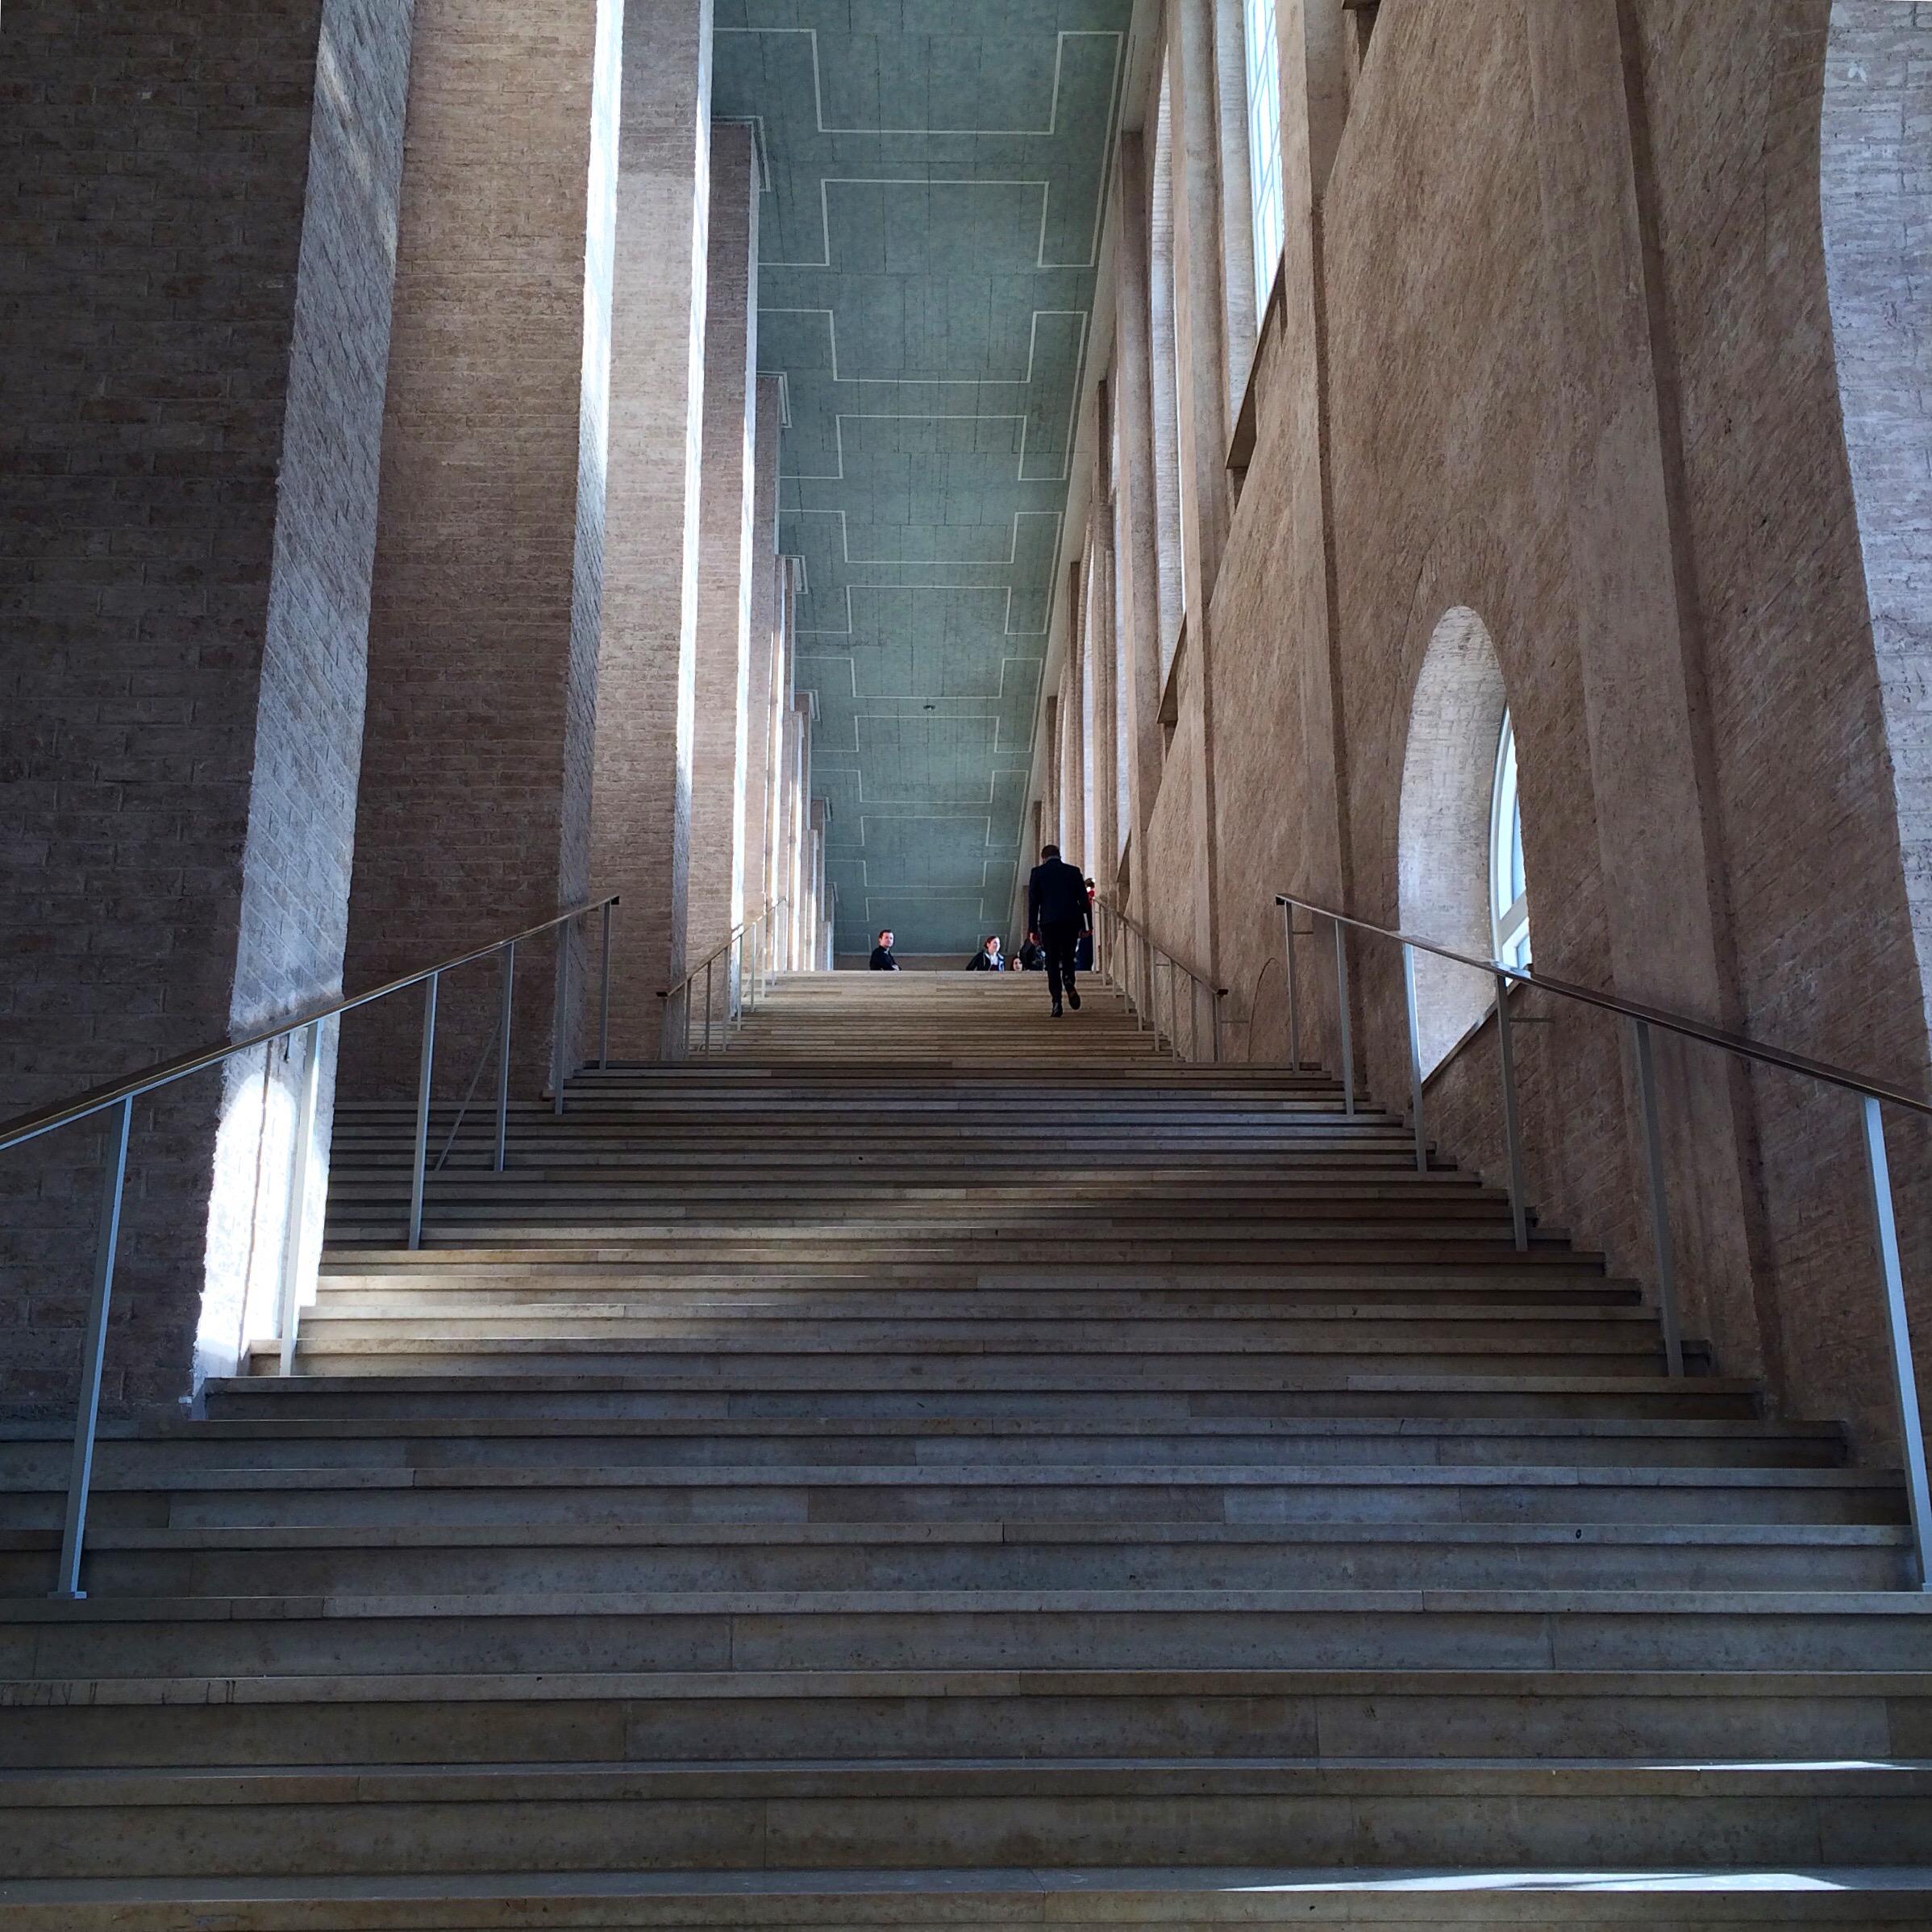 Treppen München museumsmarathon in münchen beschderblog